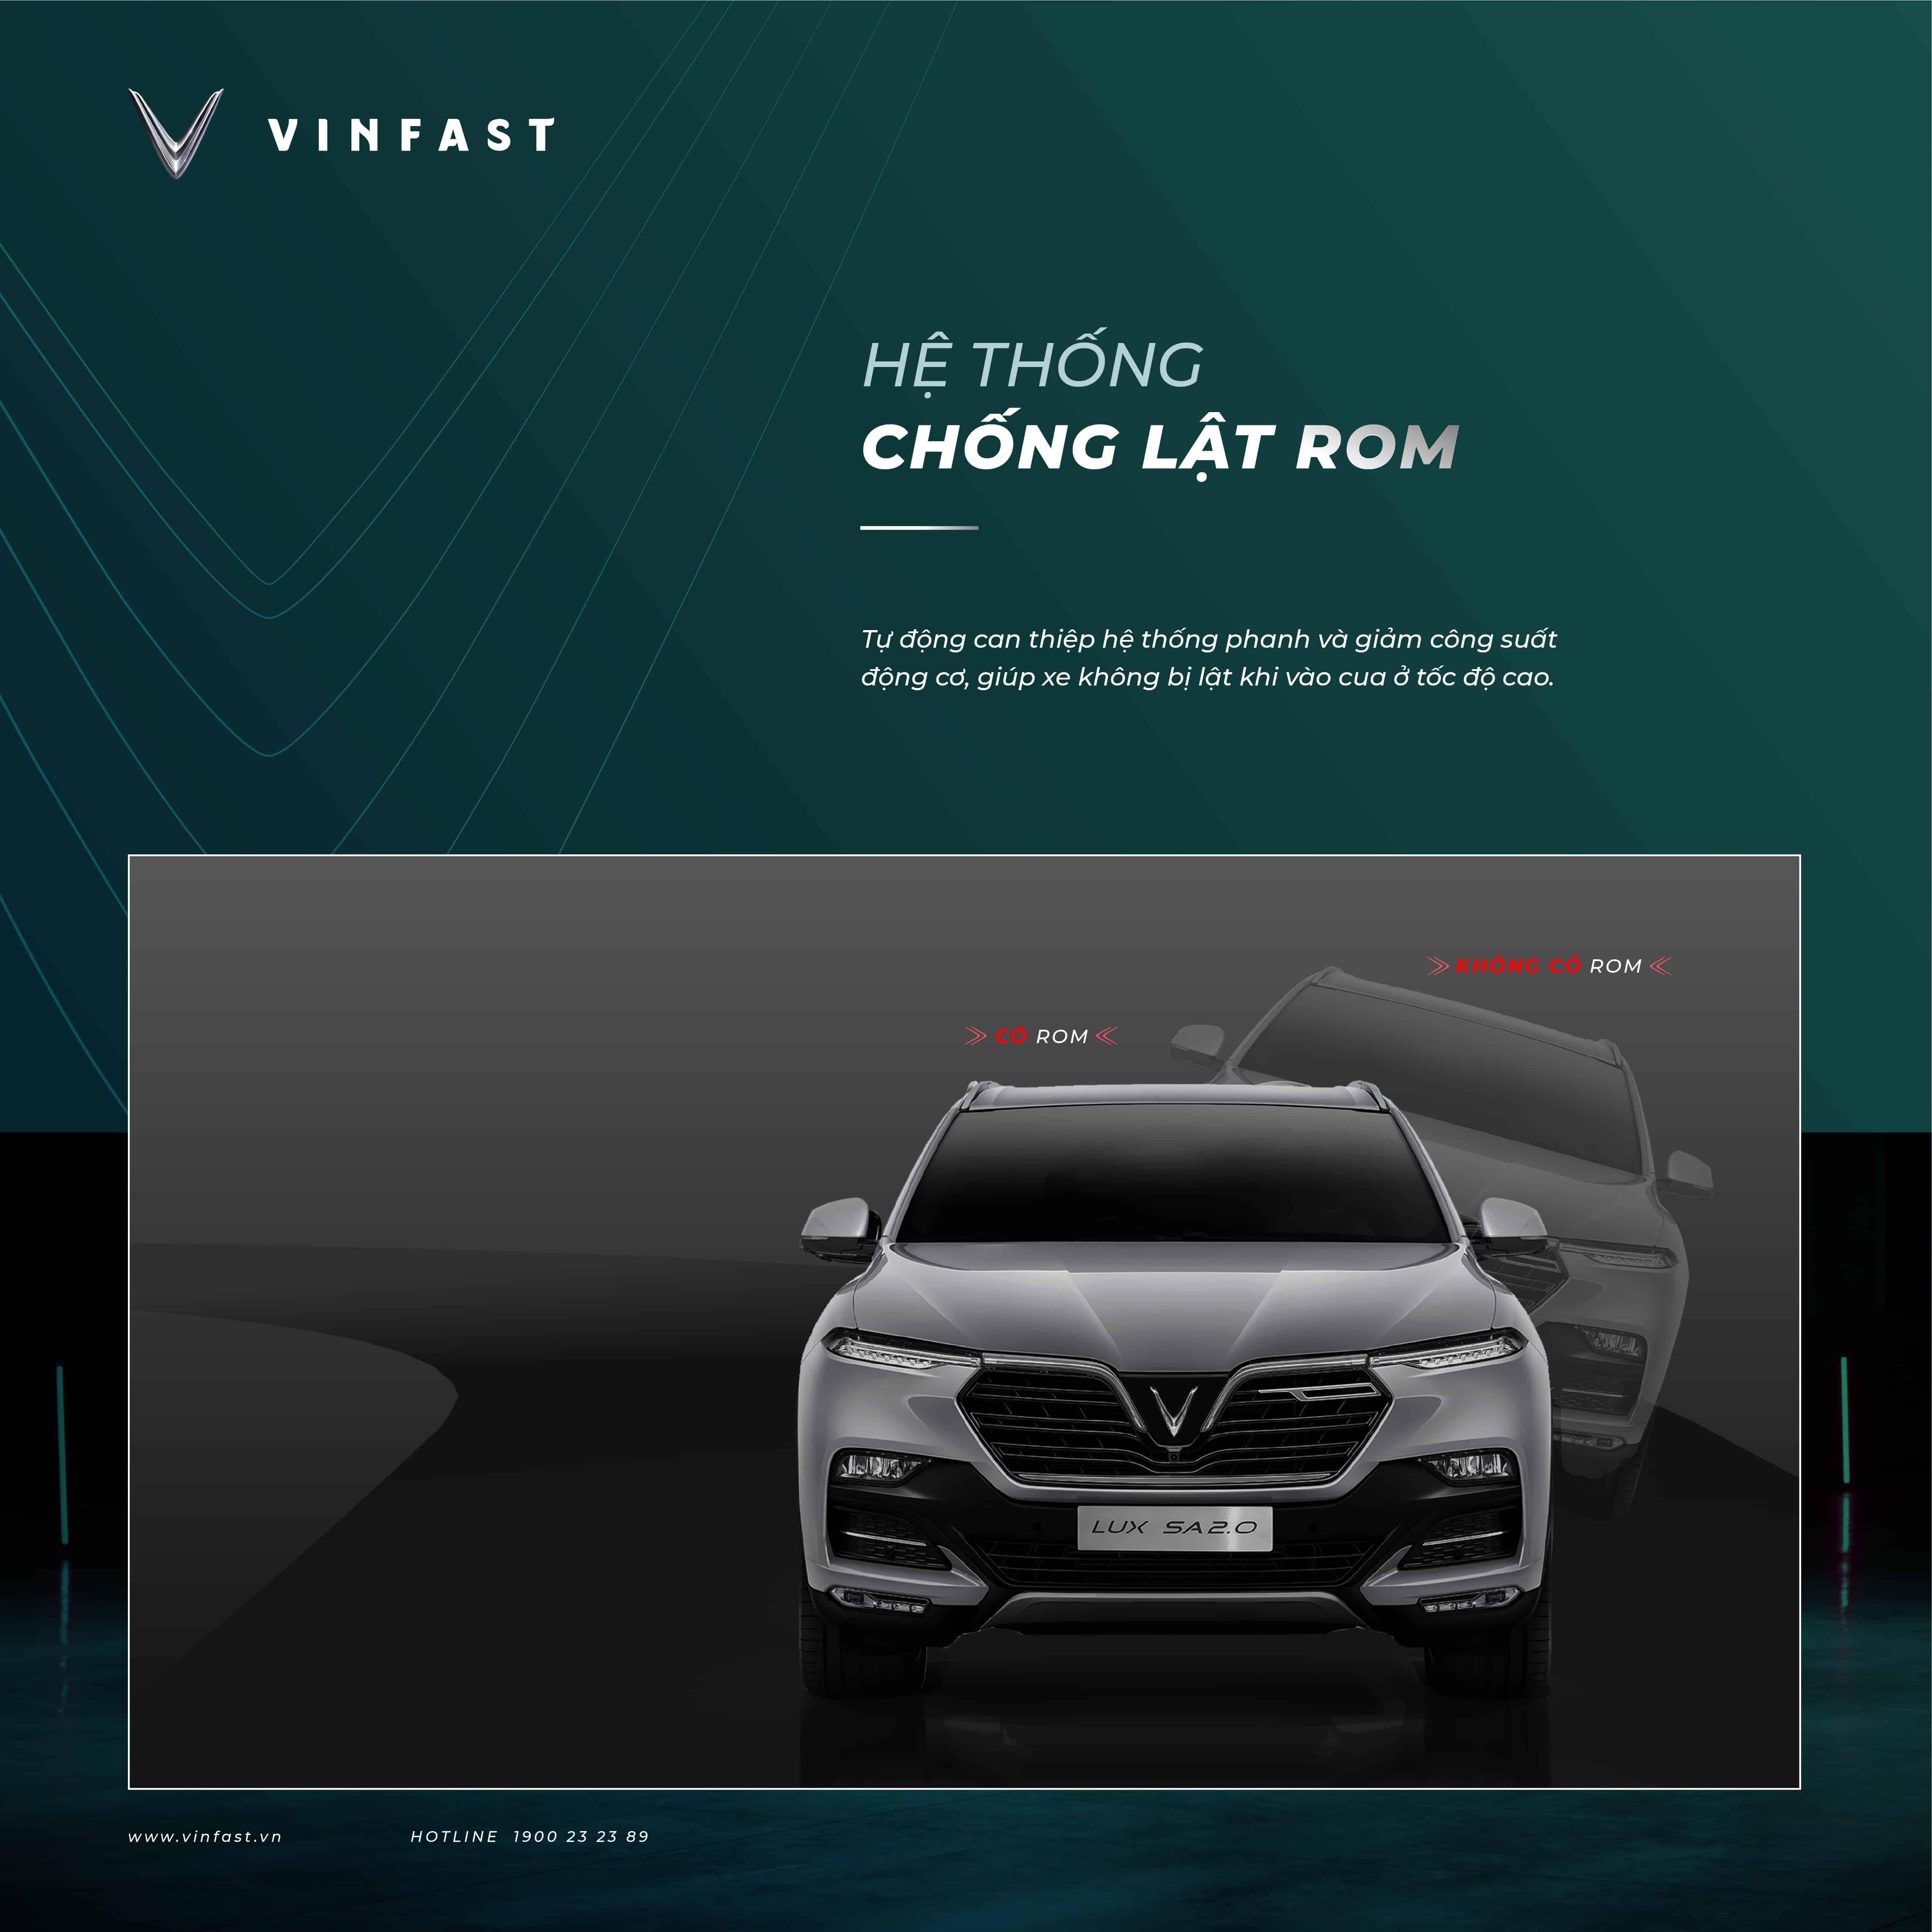 Hệ thống chống lật ROM được trang bị trên xe VinFast Lux SA2.0